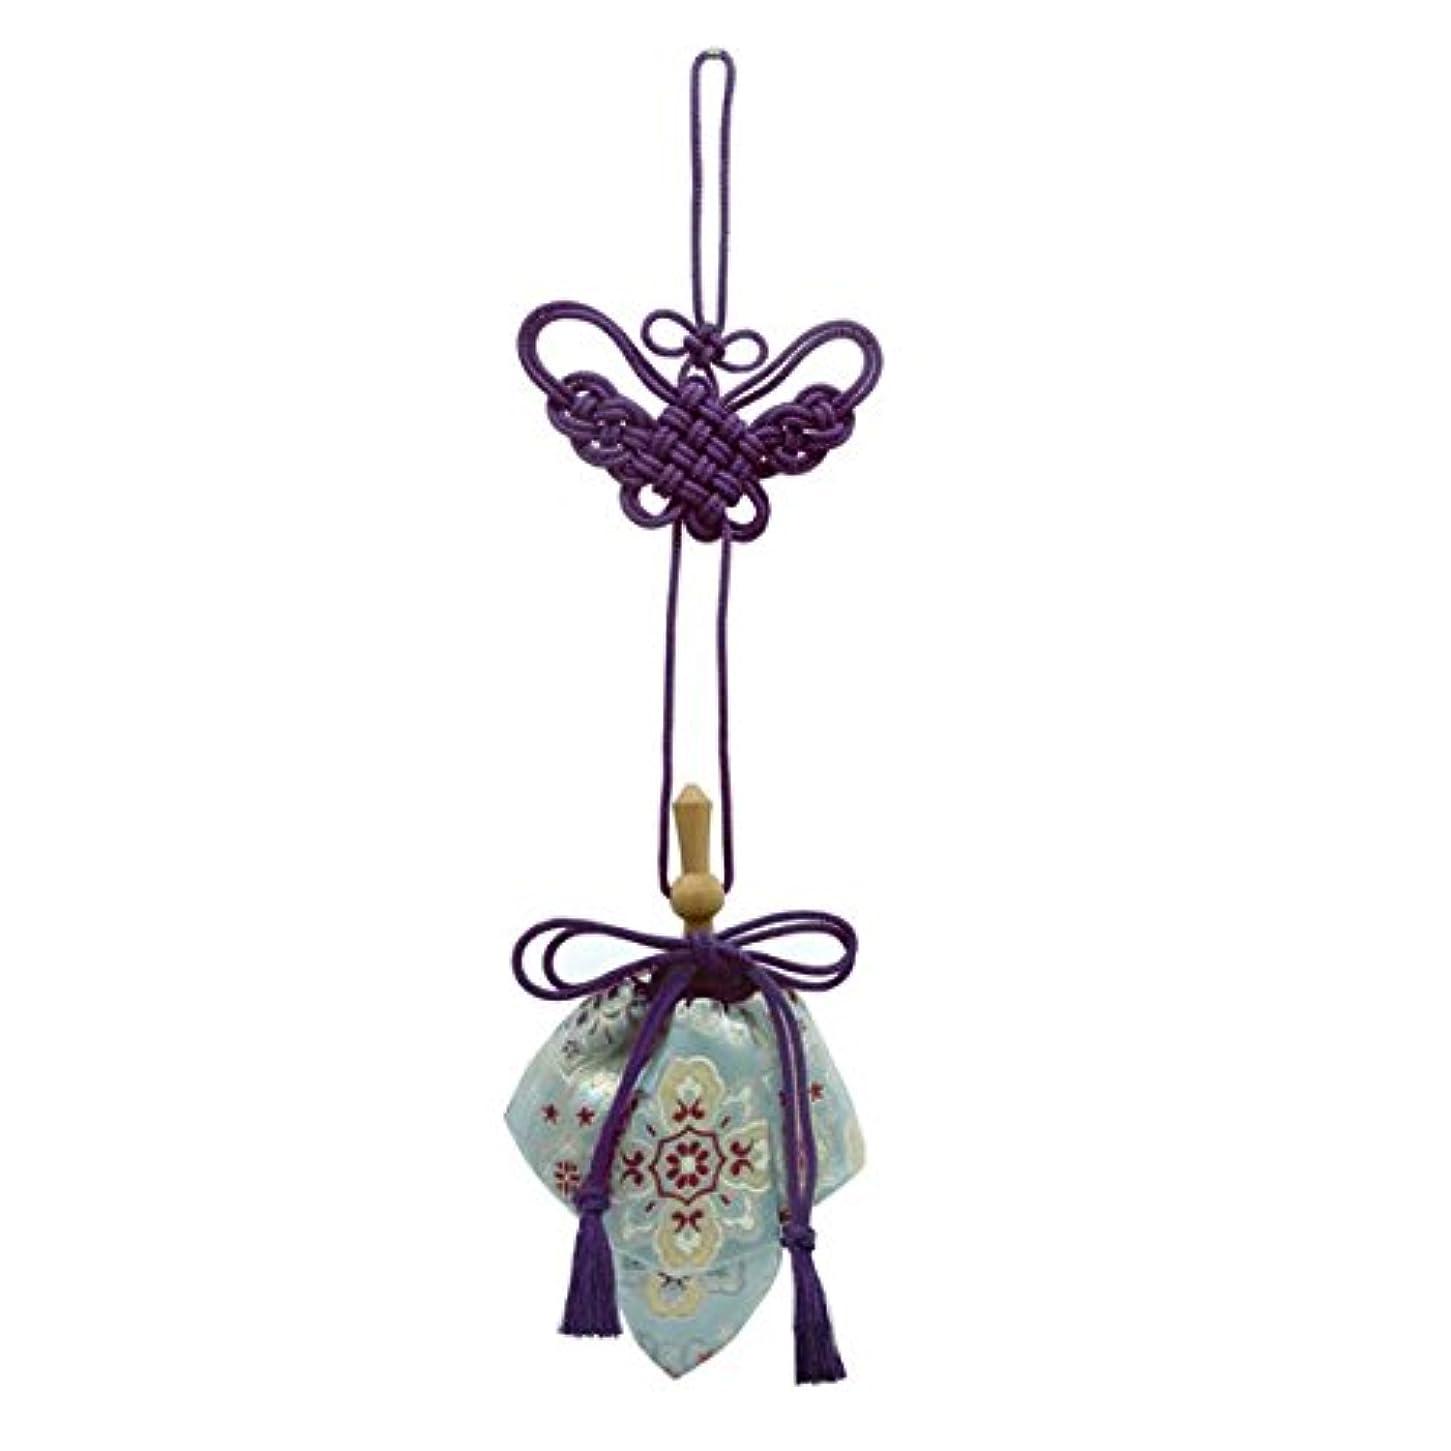 過言フォーラムタイル訶梨勒 極品 桐箱入 花紋 (紫紐)